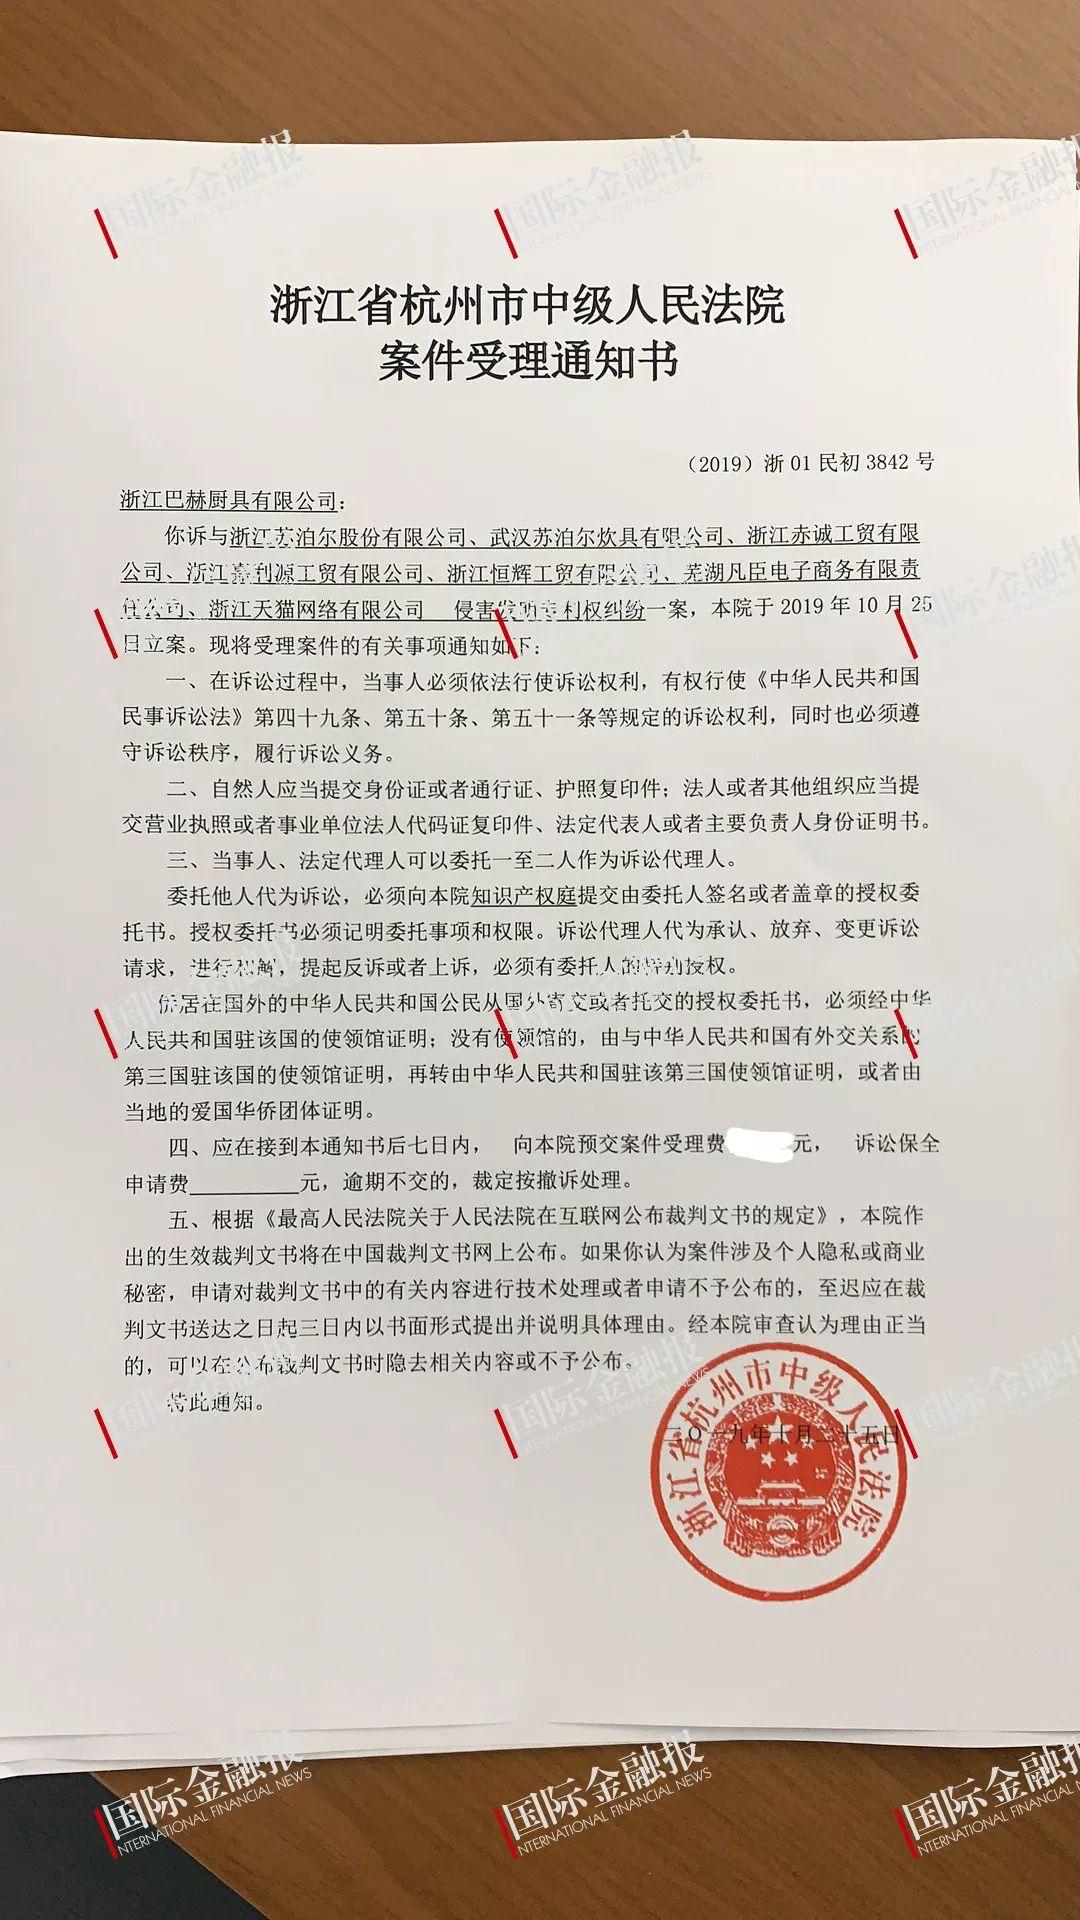 """bbin彩金掉落游戏 男子被人以""""抵押房产证""""为由骗去14800元,7年后嫌犯落网"""